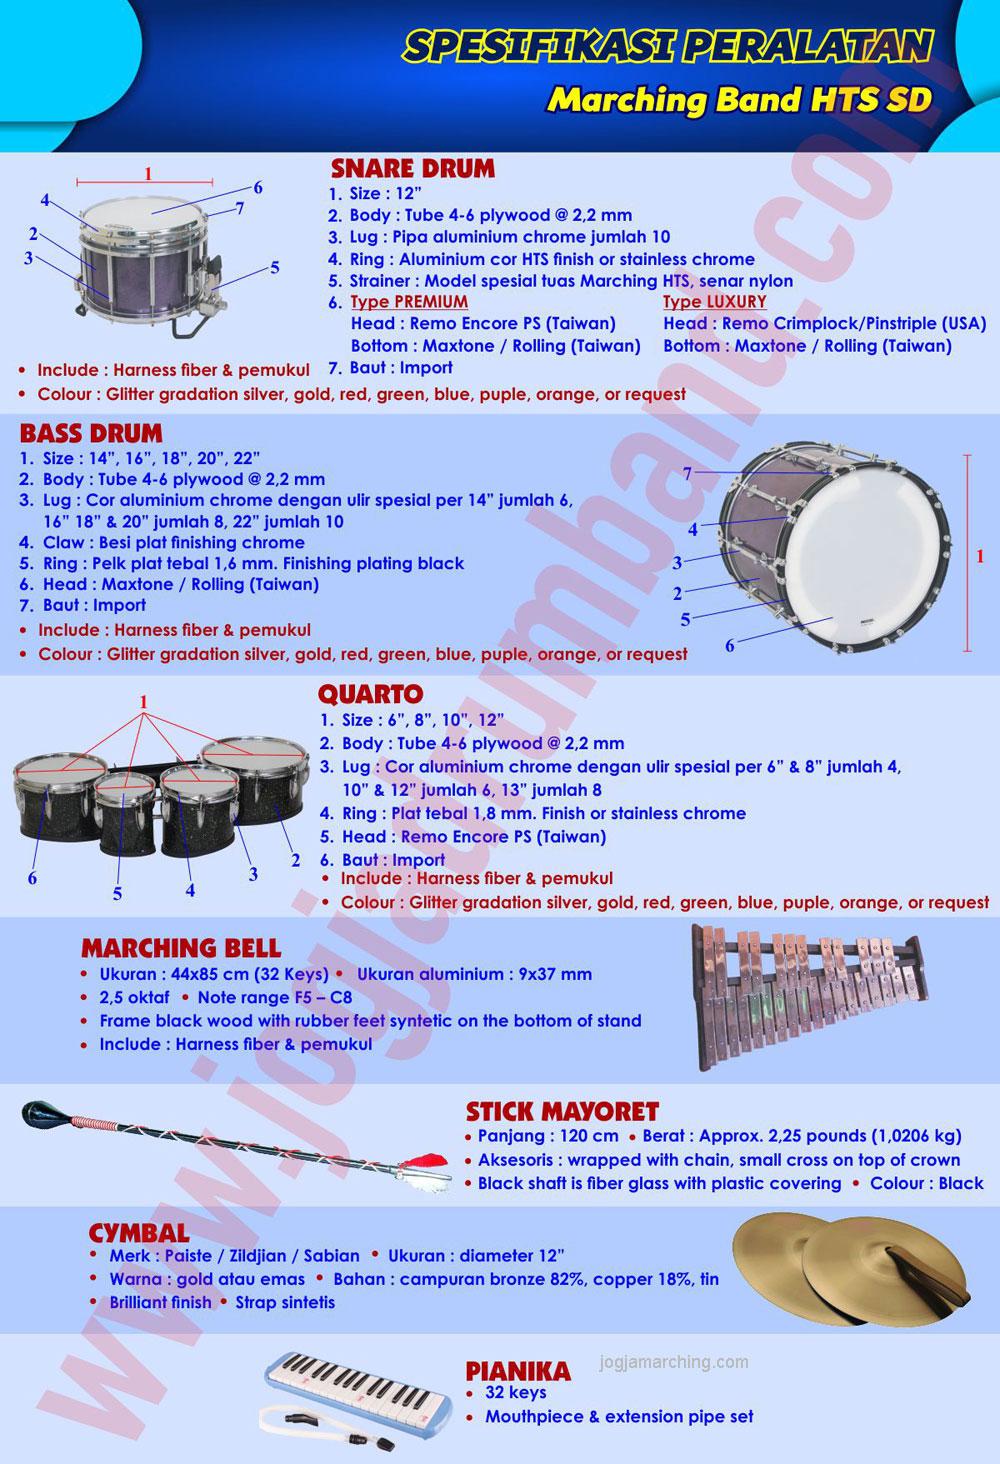 Spesifikasi Marching Band HTS SD